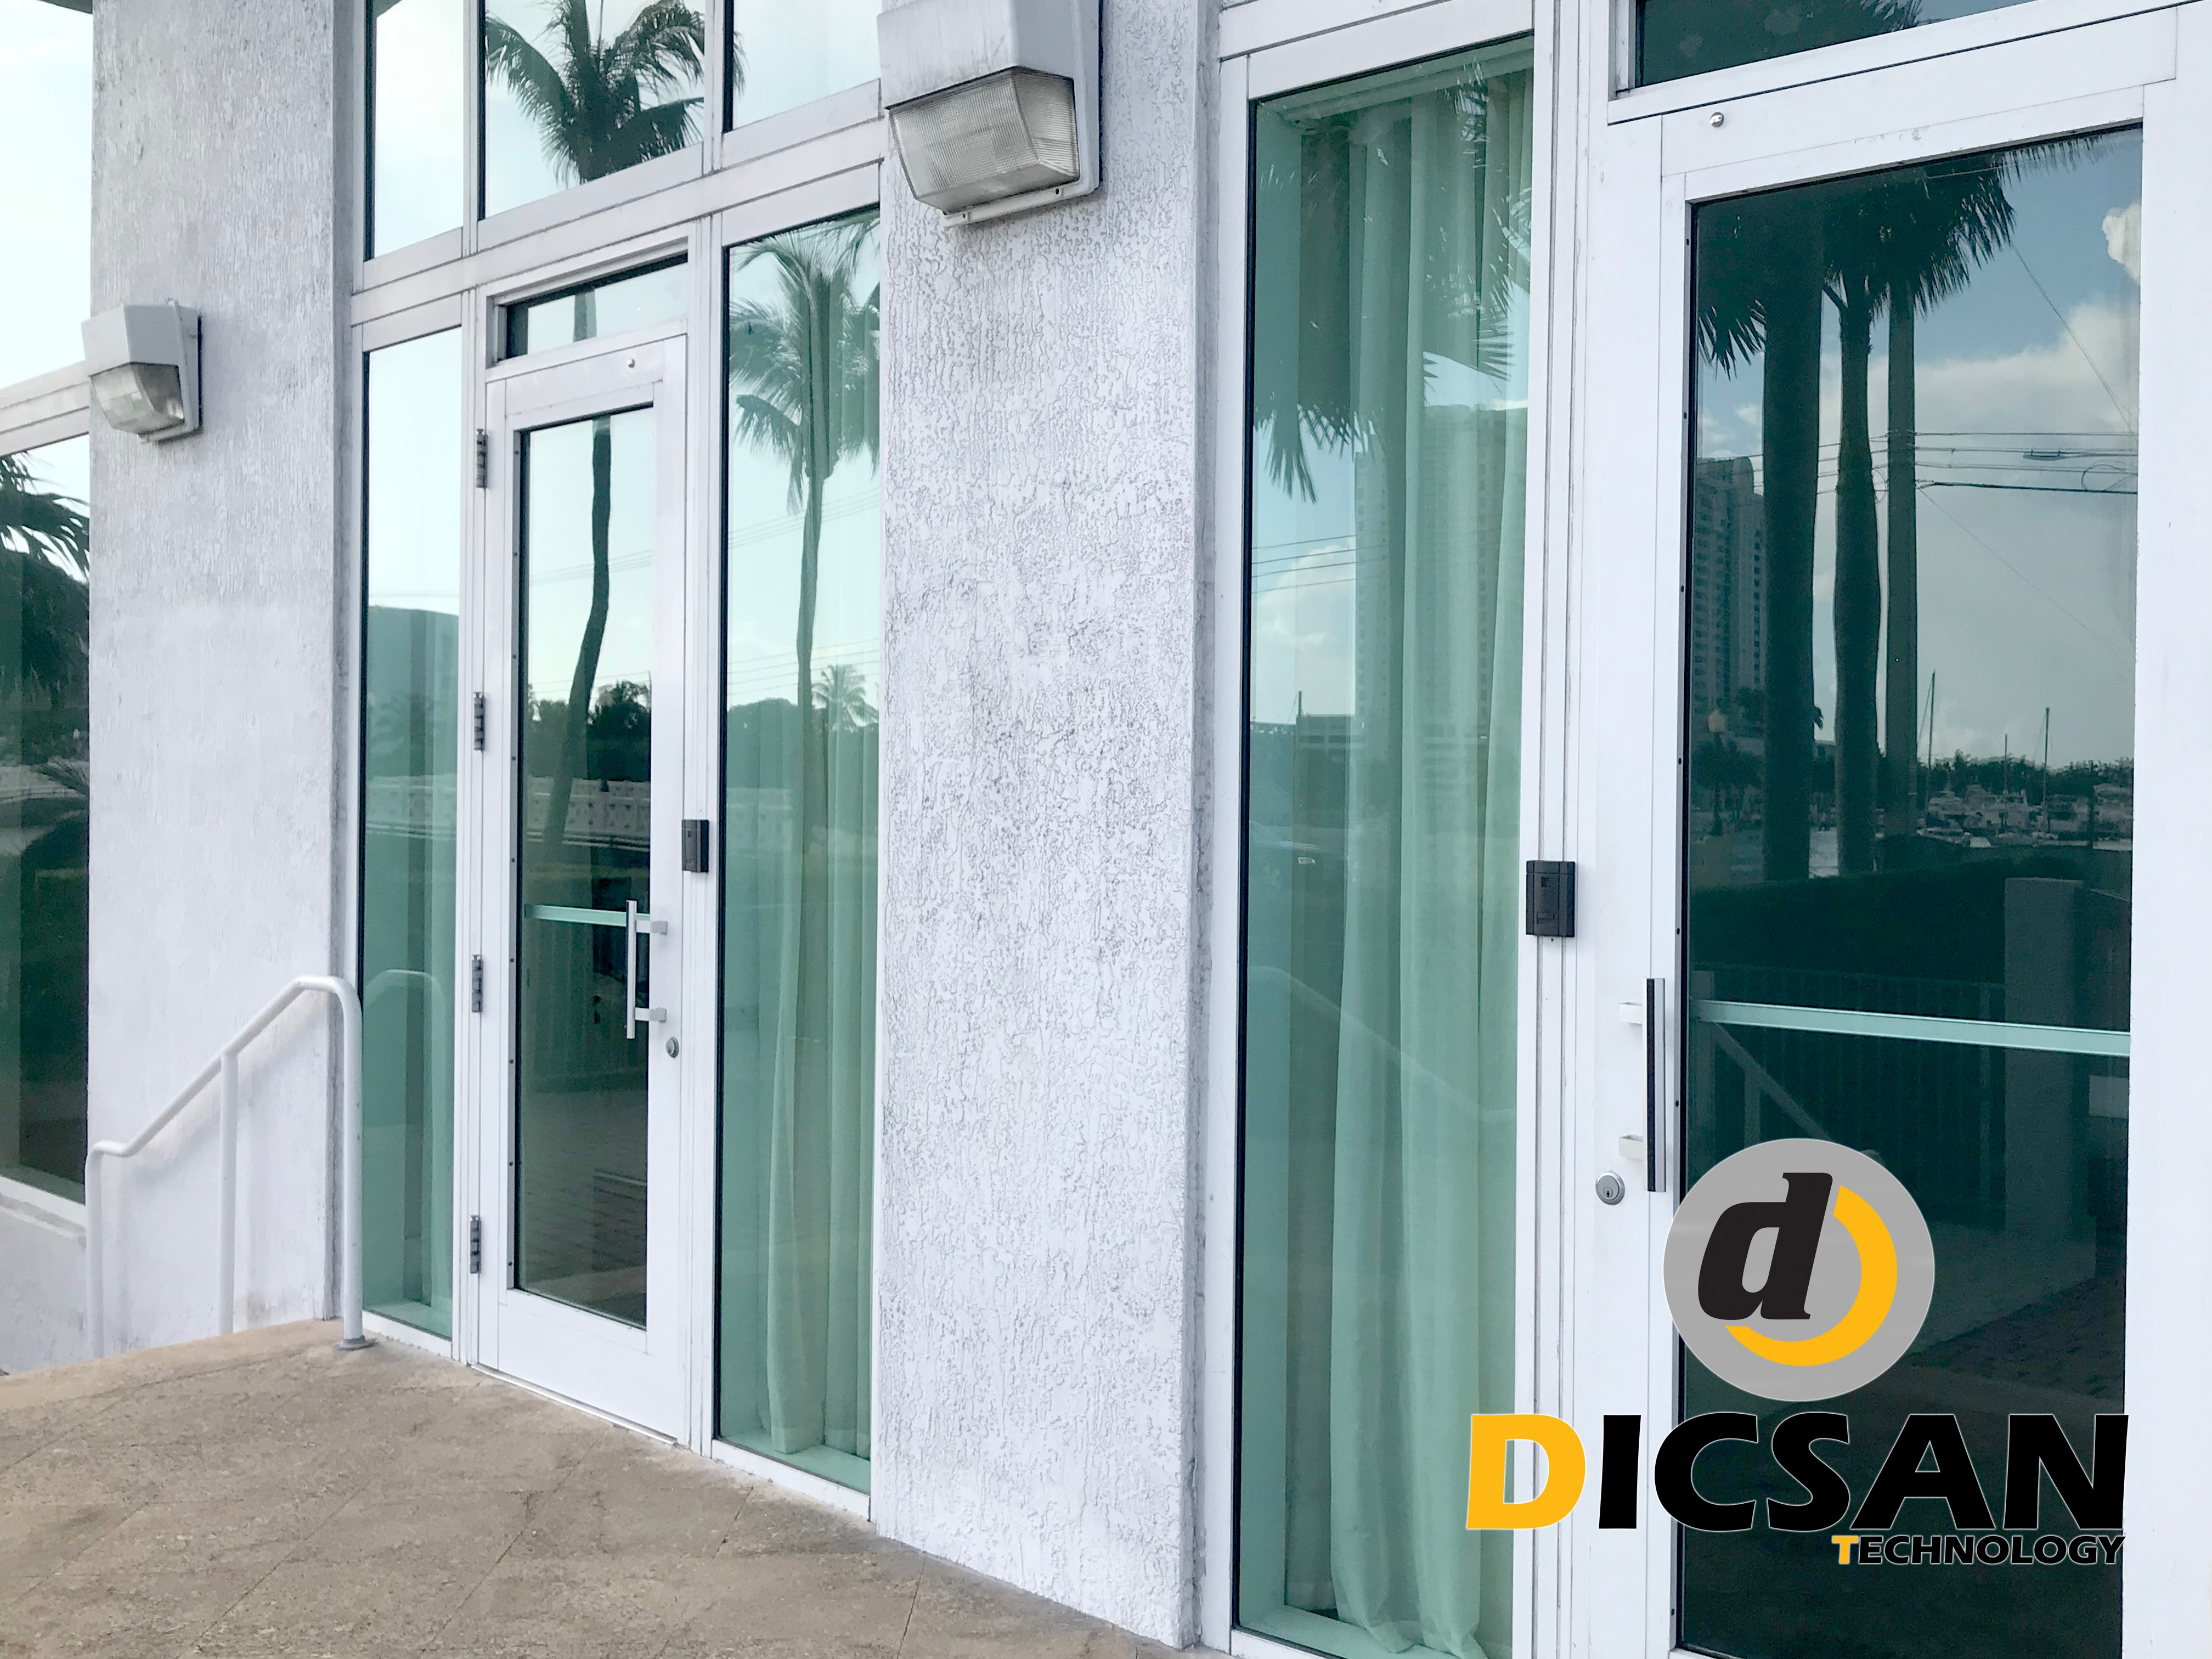 Millennium Access Control System at Condominium in Miami Beach